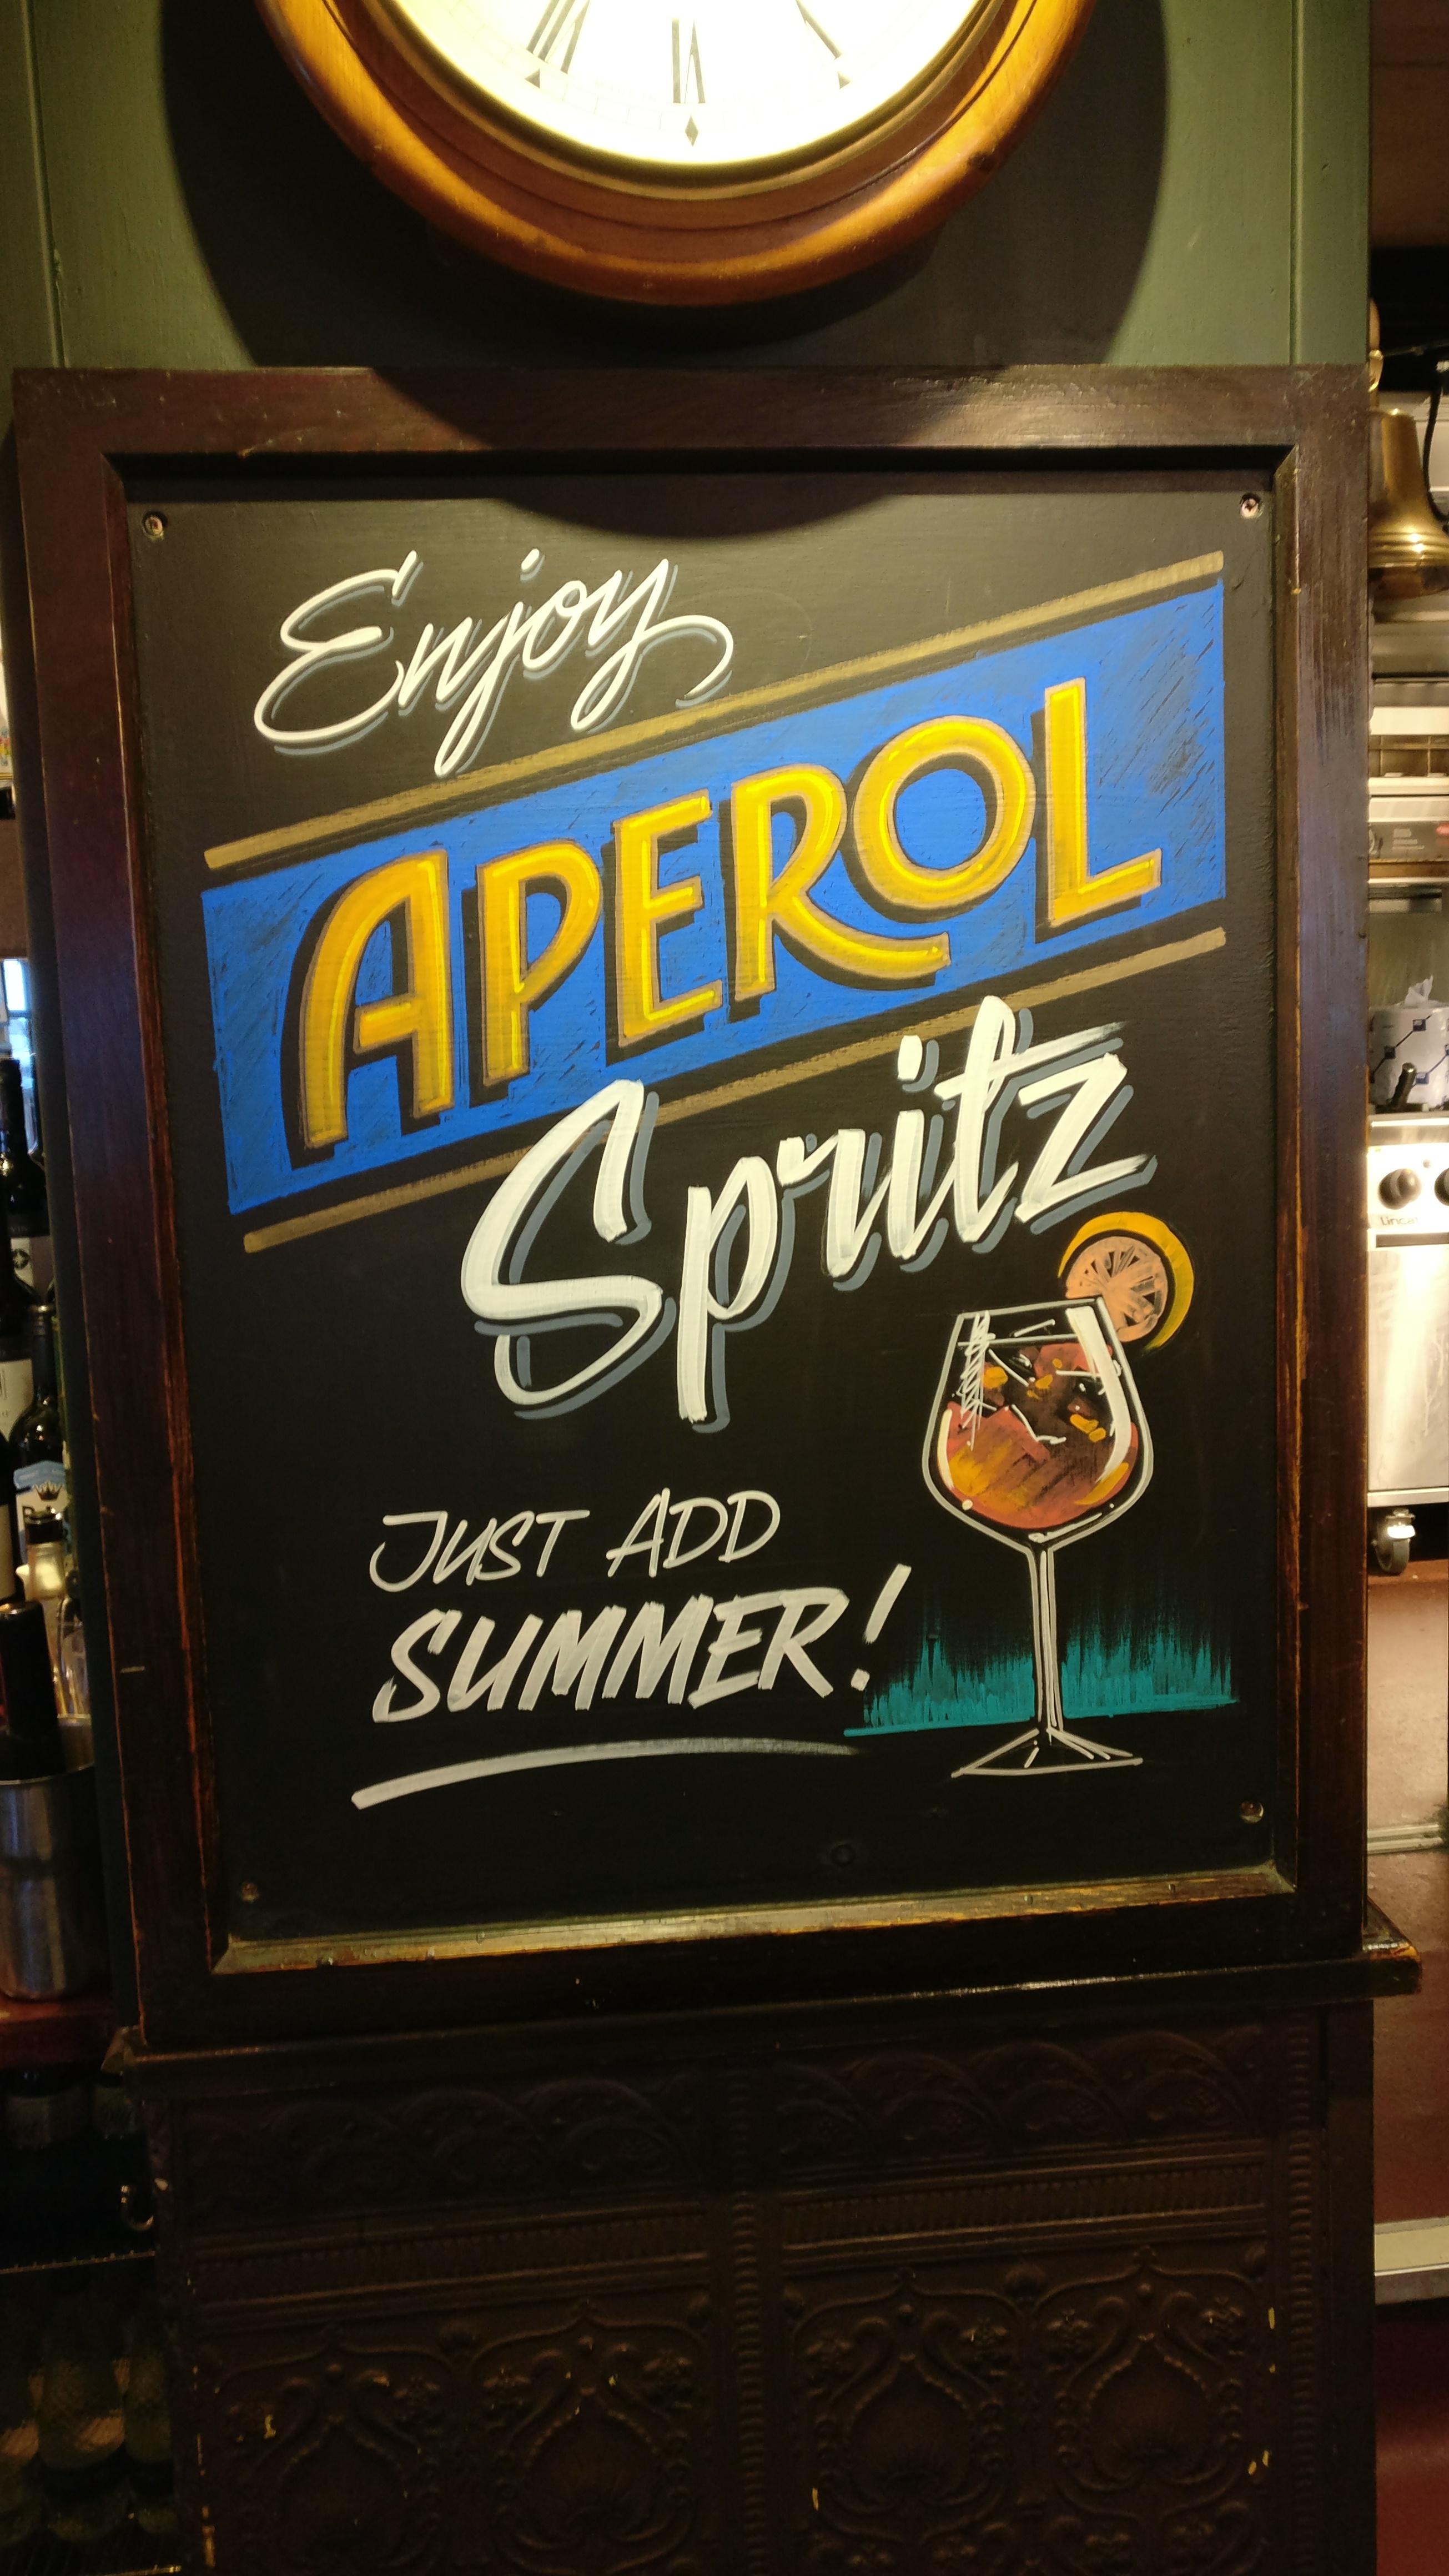 Aperol Spritz promo, Bloomsbury